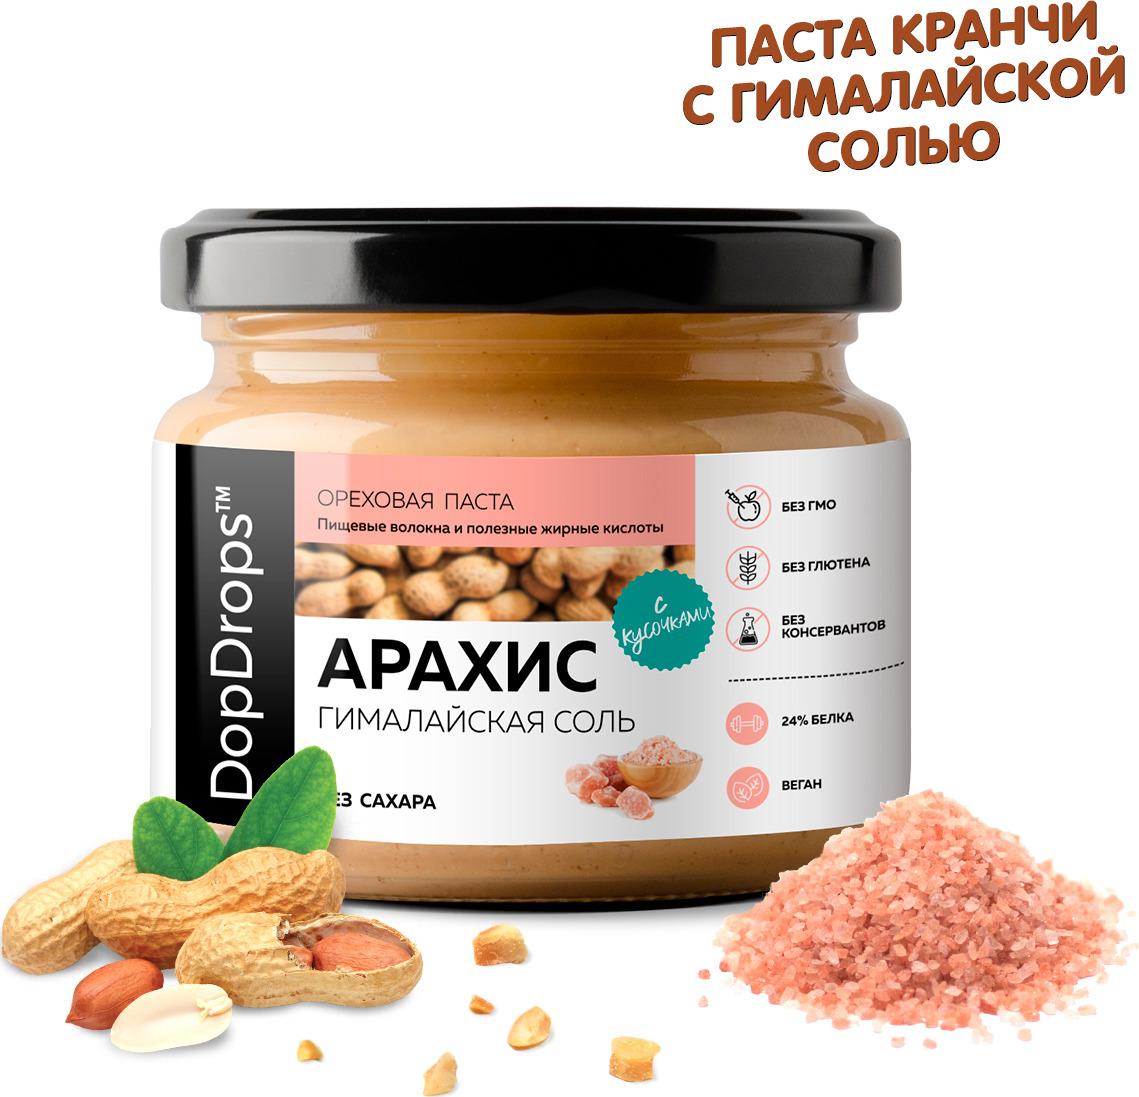 Фитнес питание DopDrops Паста Арахис Кранчи Гималайская соль, 250 г паста dopdrops арахис морская соль стевия 265 г